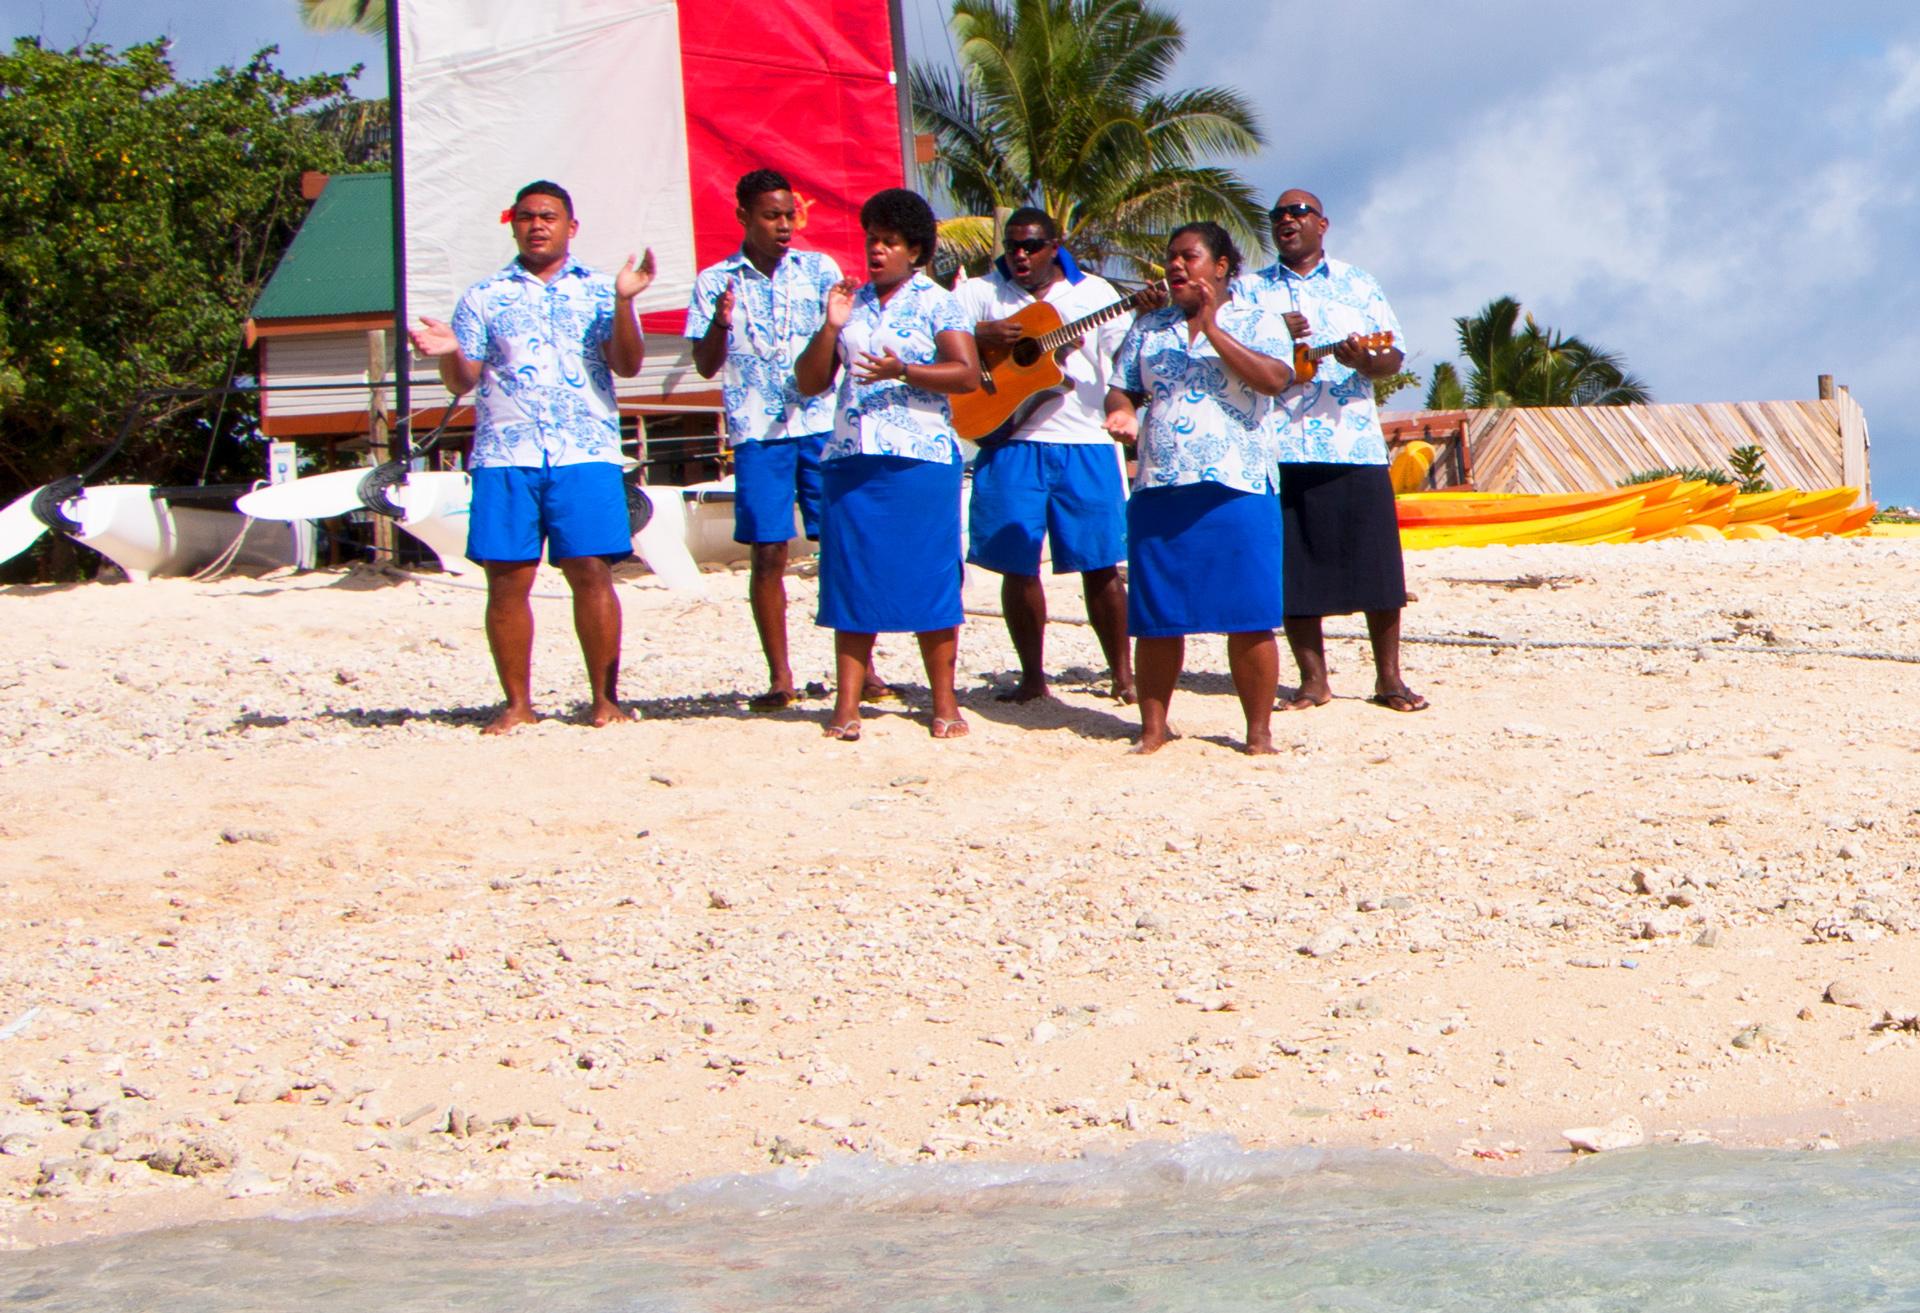 Welcoming people on South Sea Island, Fiji